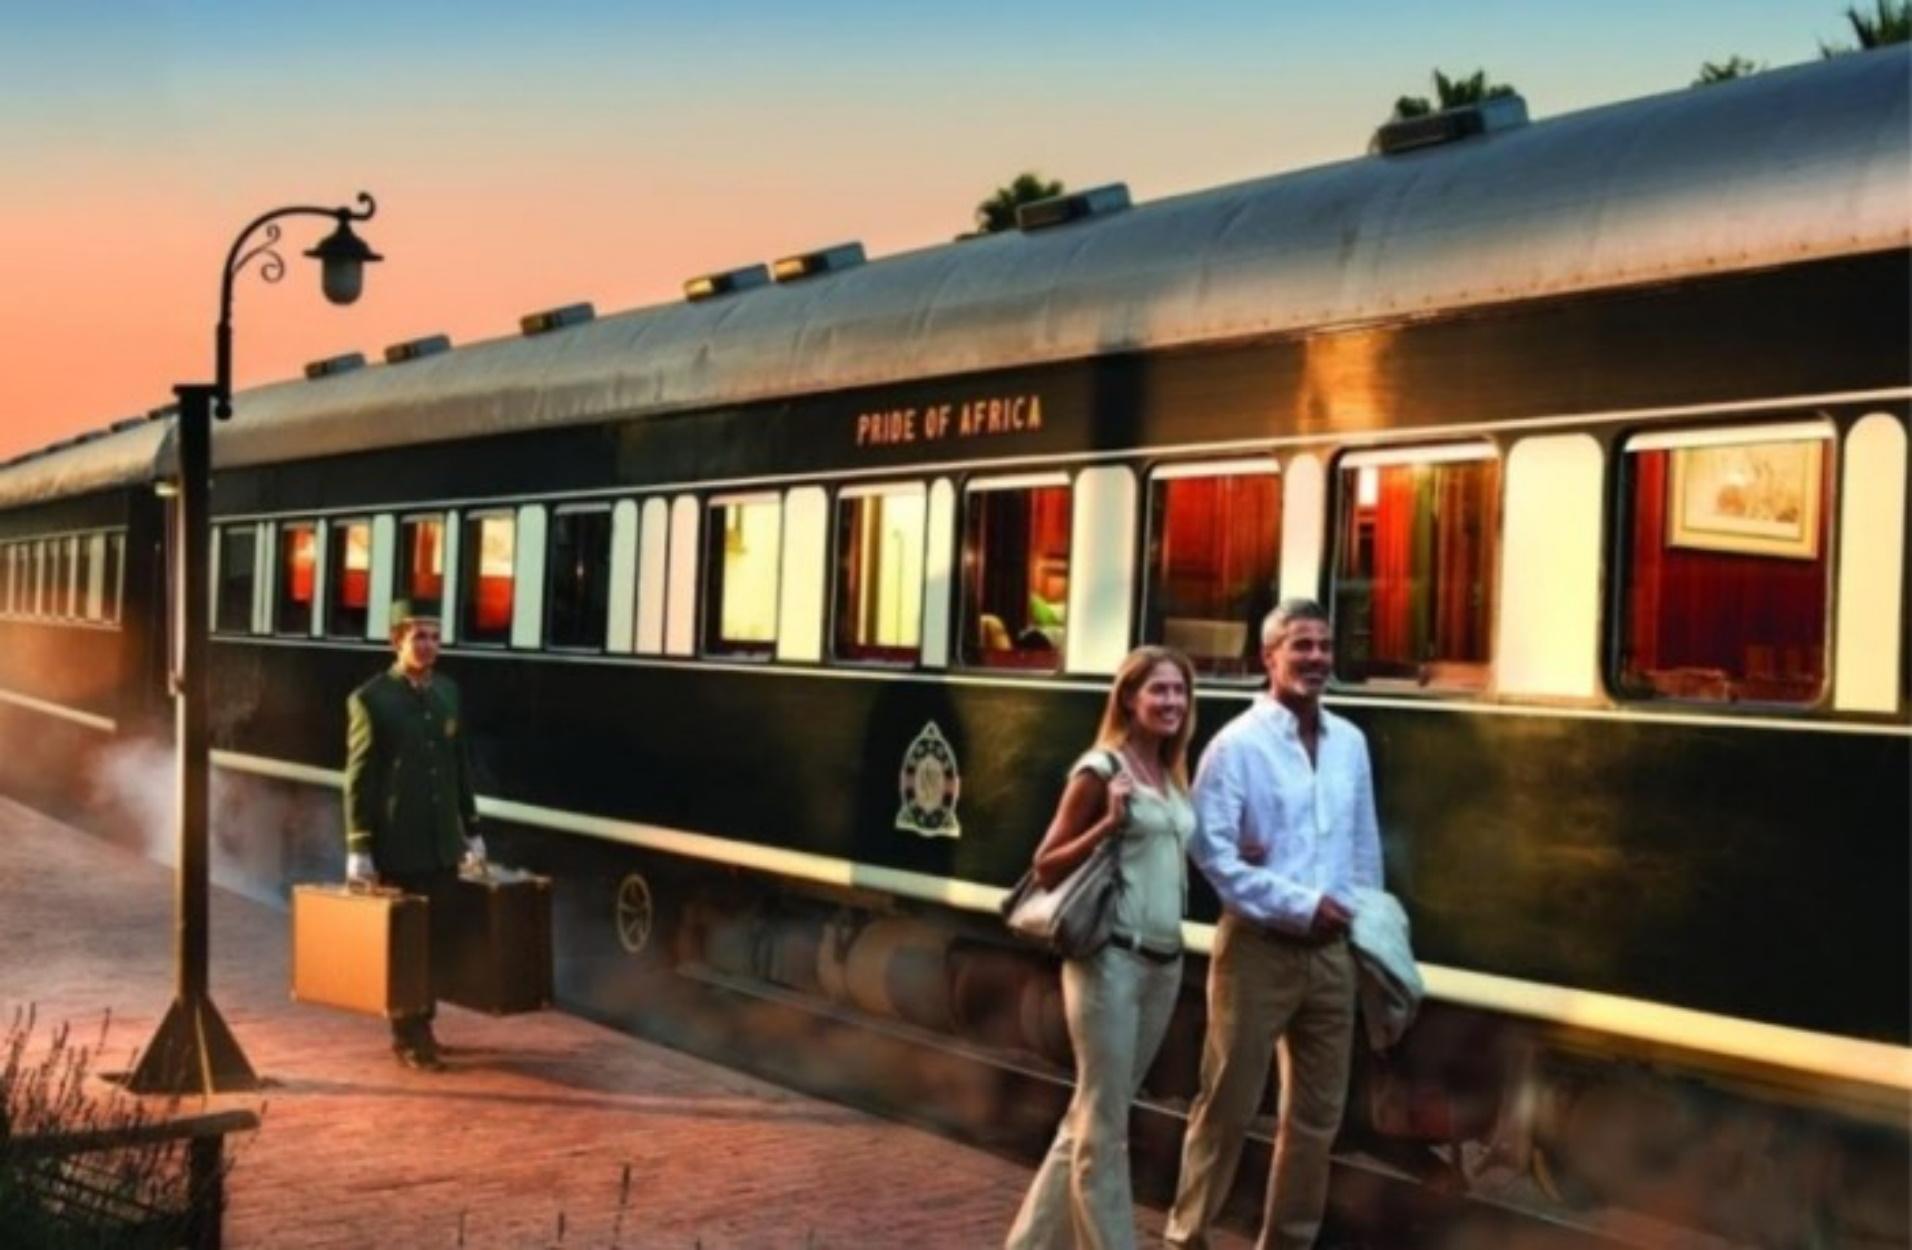 Τα 5 πιο πολυτελή τρένα στον πλανήτη